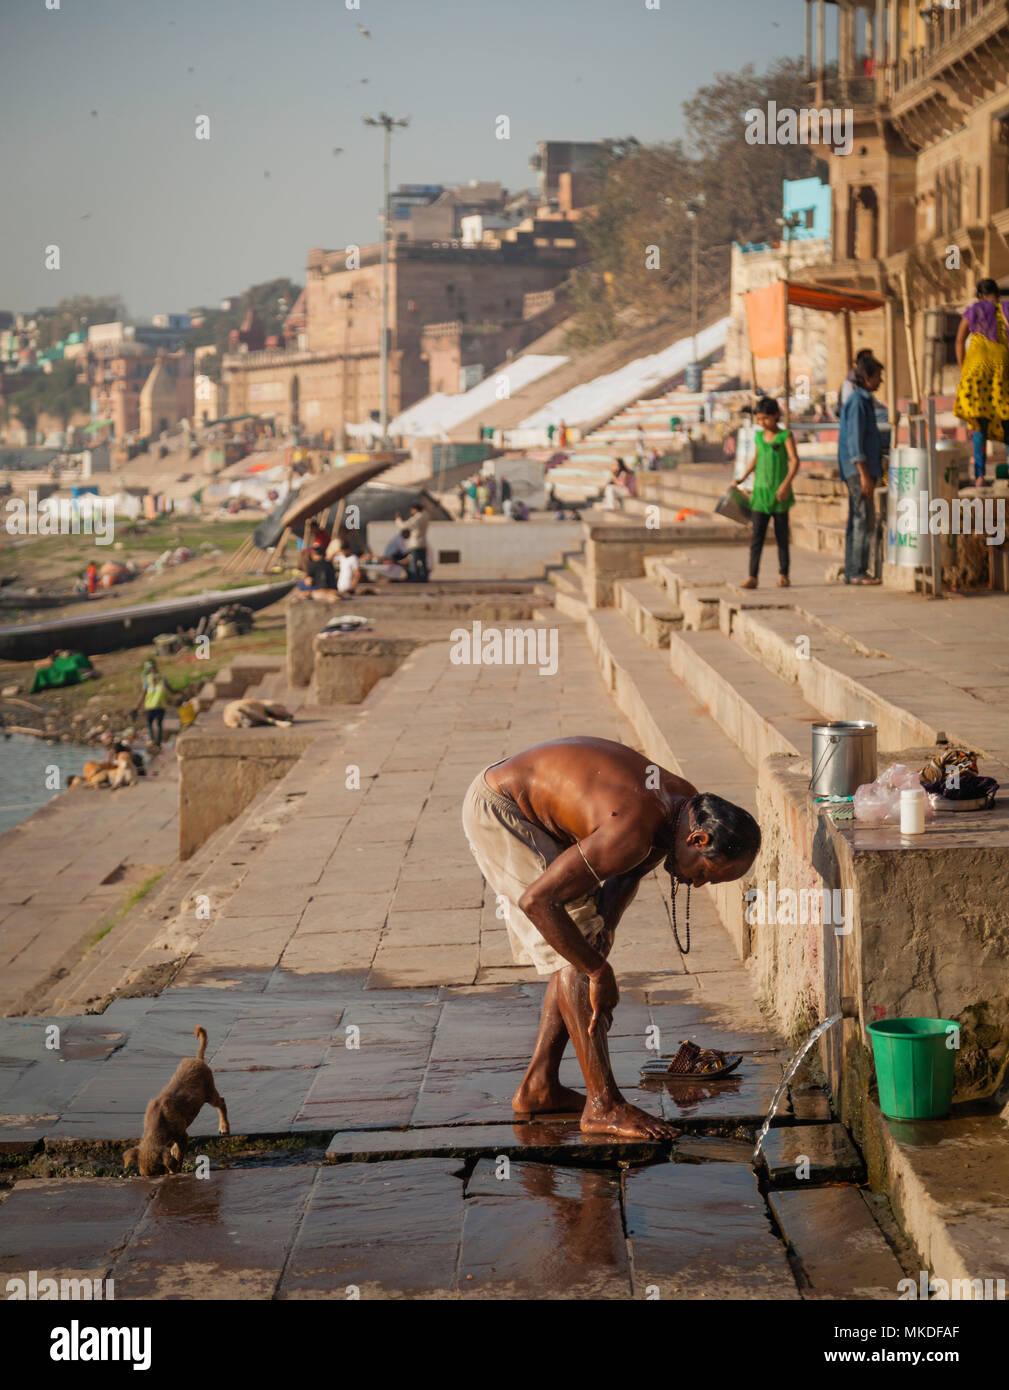 Uno de los cientos de perros y cachorros de bebidas desde el drenaje mientras un caballero lavados de las alcantarillas a lo largo de los Ghats de Varanasi.Varanasi Foto de stock